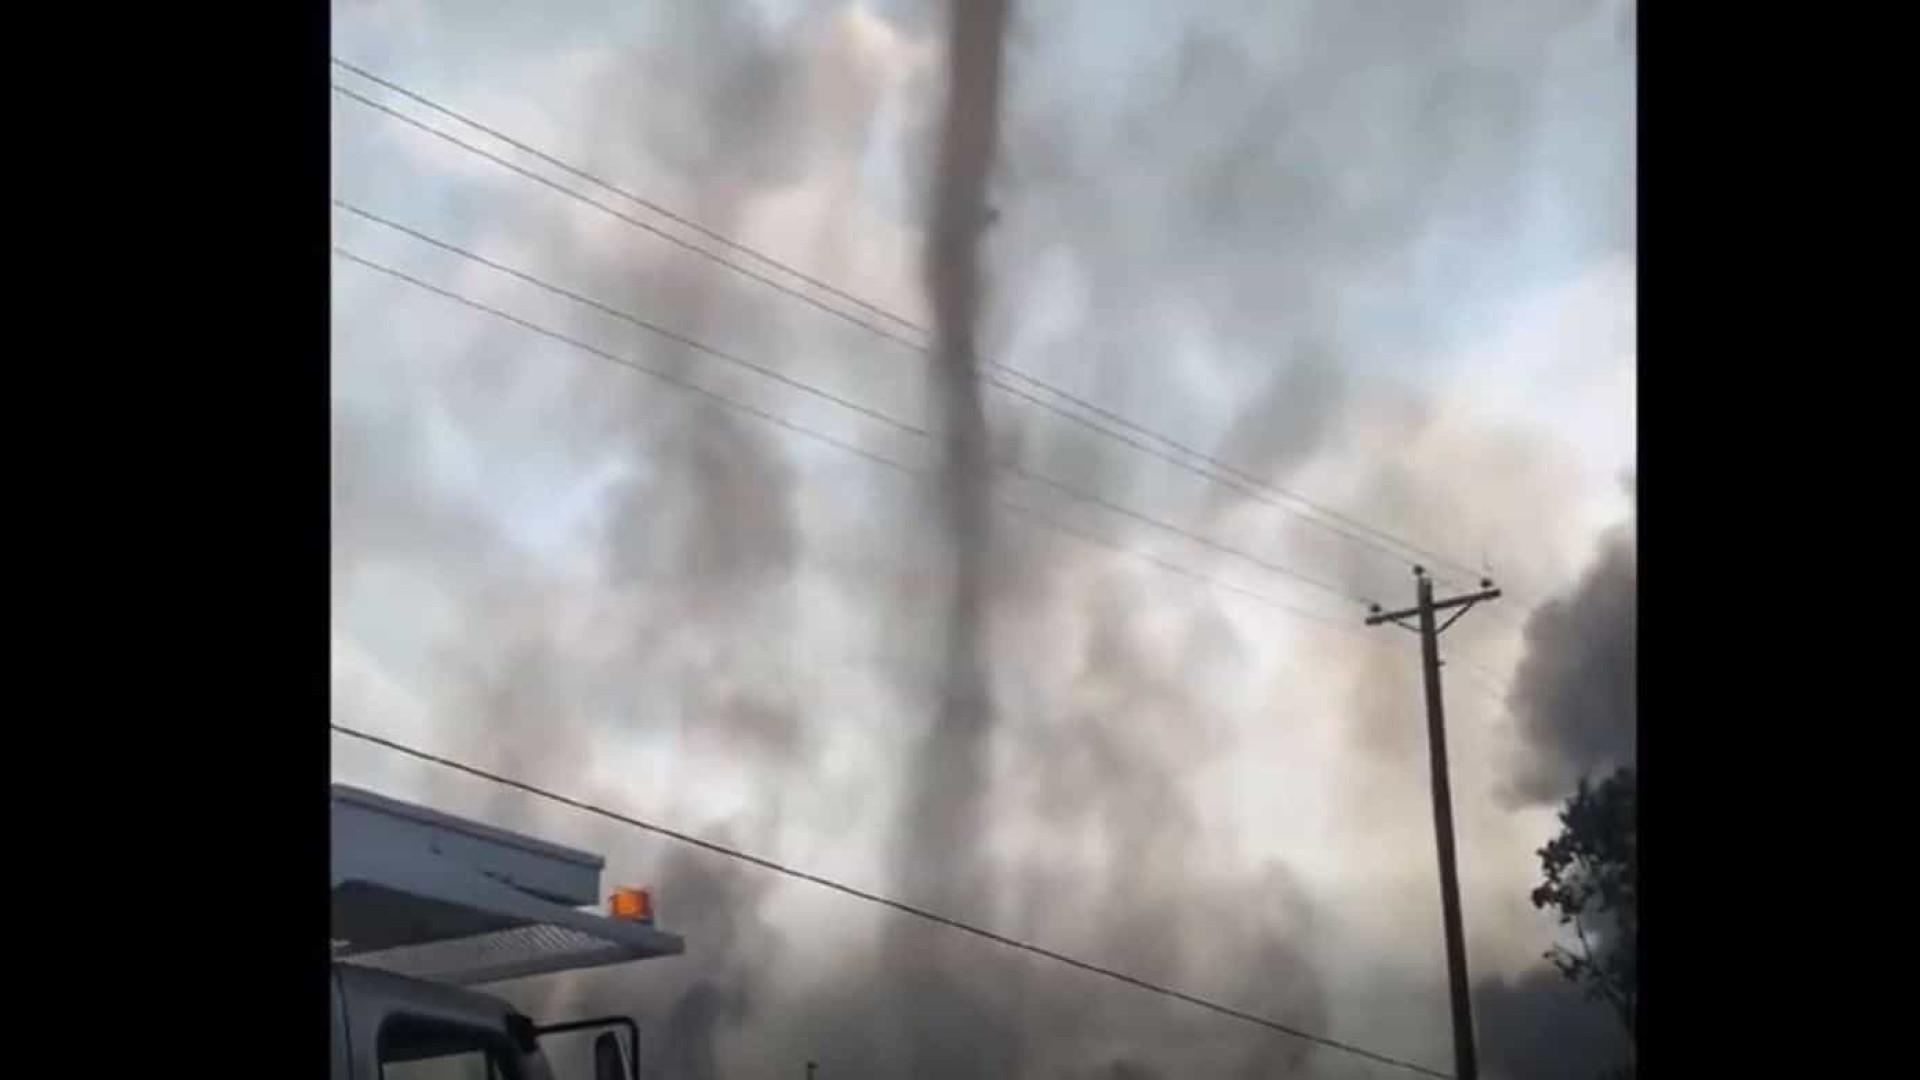 Vídeo flagra 'tornado de fumaça' em incêndio no Alabama